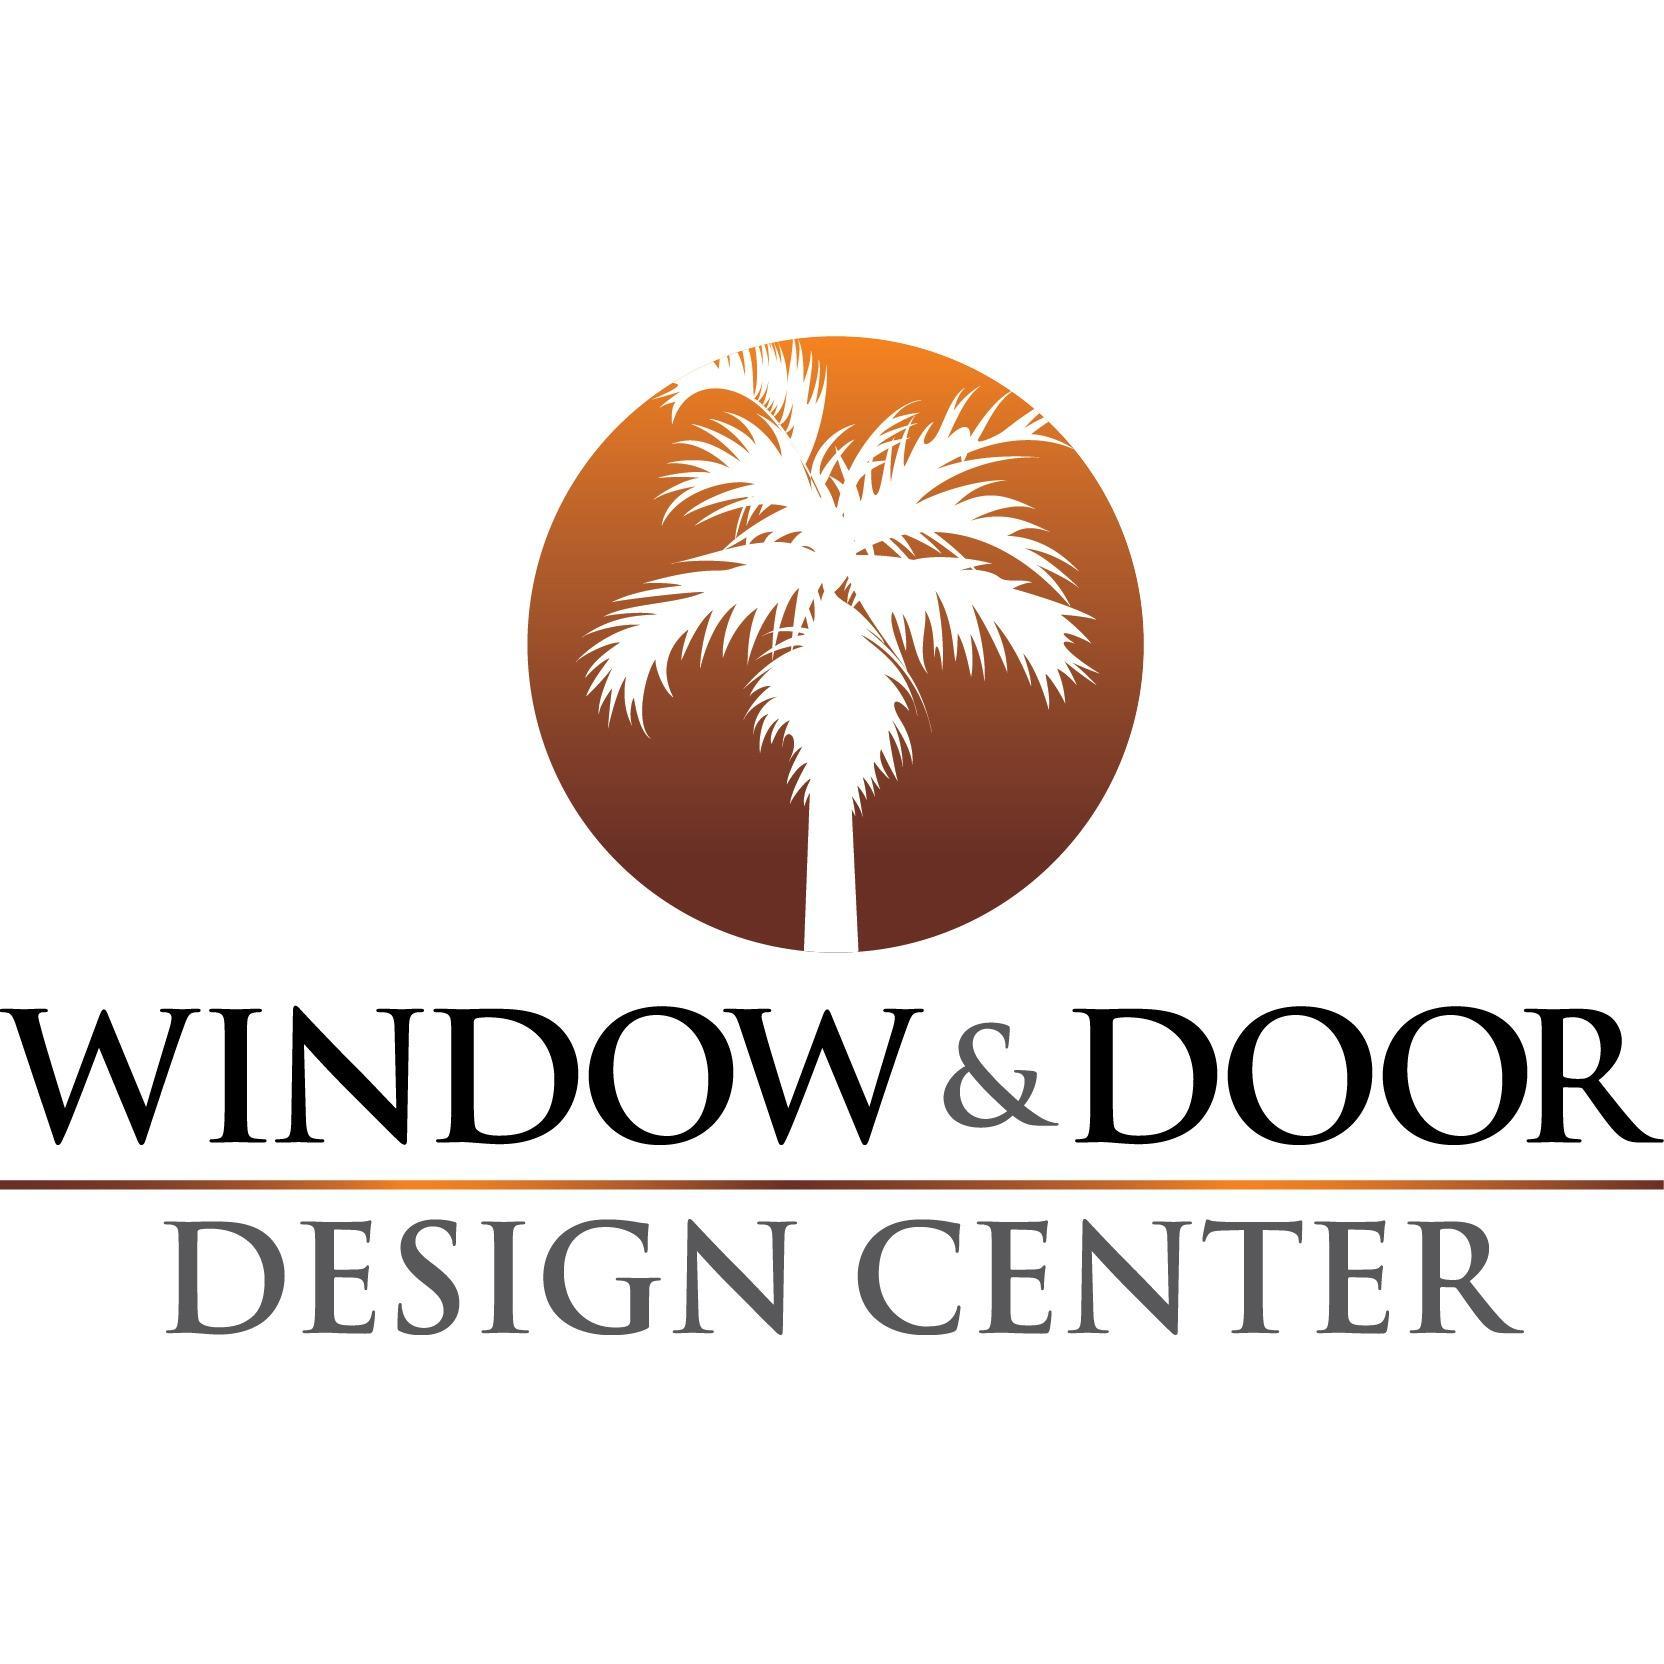 Window & Door Design Center